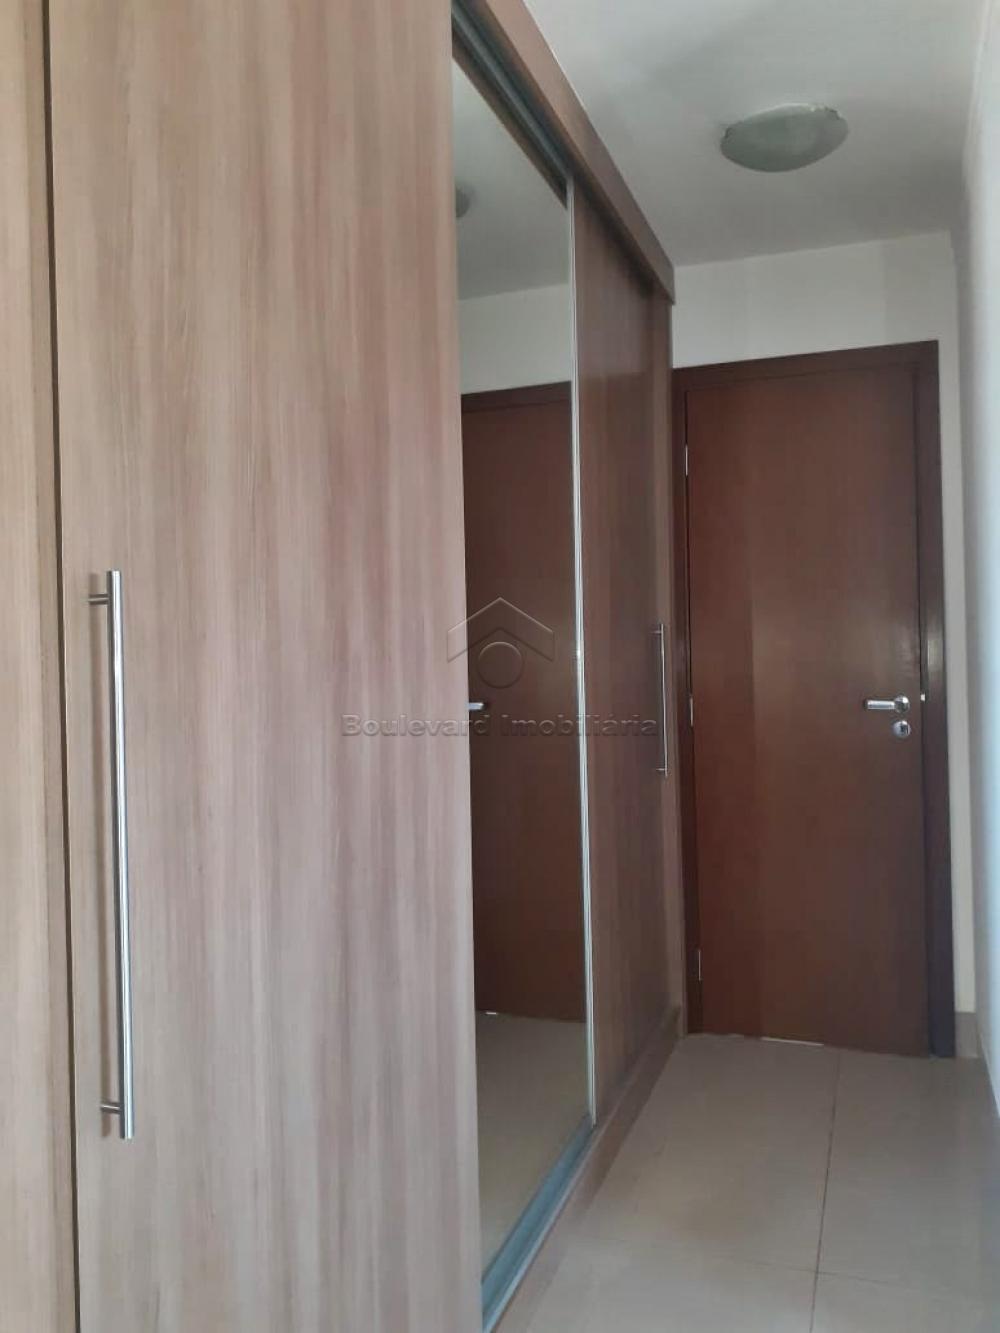 Alugar Apartamento / Padrão em Ribeirão Preto R$ 2.000,00 - Foto 14